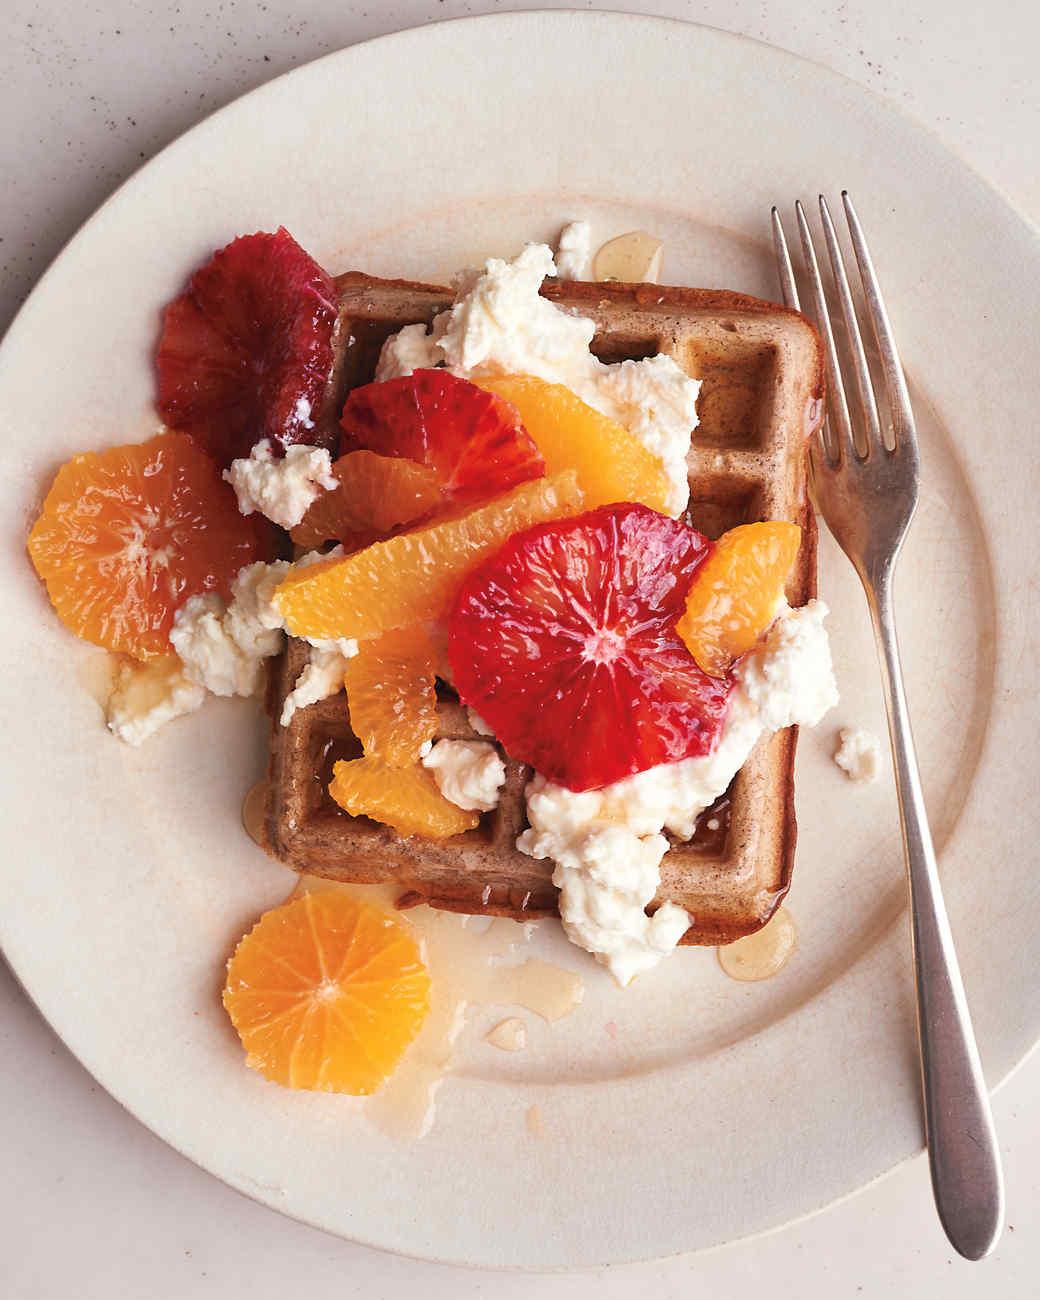 buckwheat-waffle-962-md110606.jpg